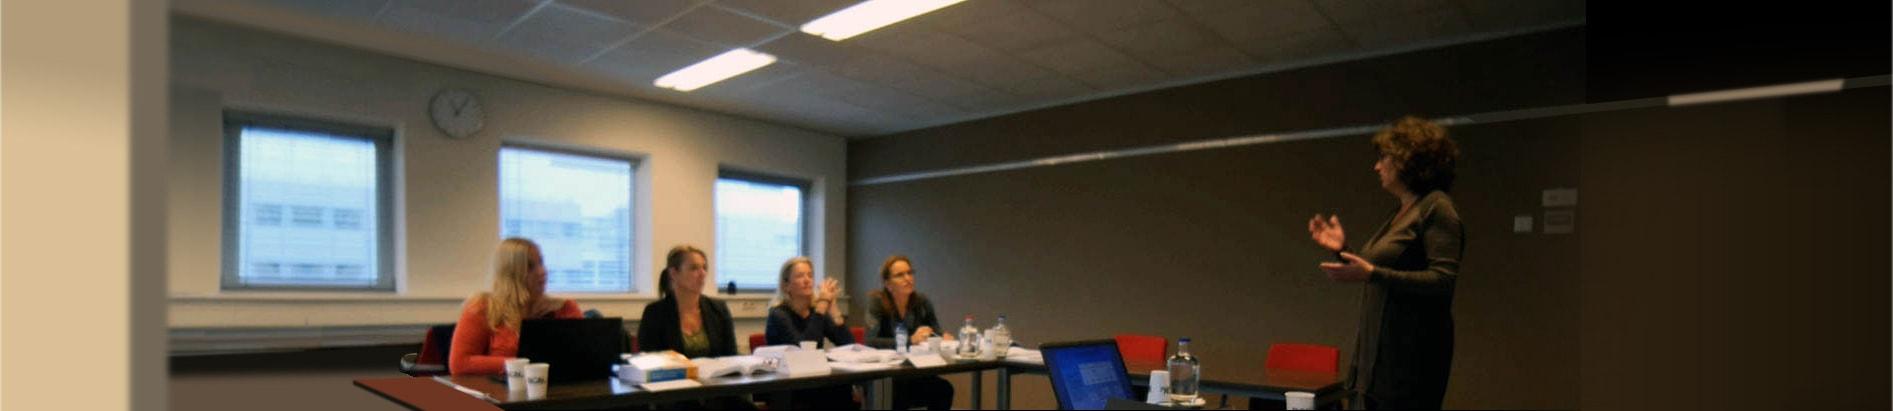 https://image.opleidingsgroep.nl/static/media/ncoi/ncoi/sliders/klassikale-opleidingen-ncoi-1920.jpg?ext=.jpg